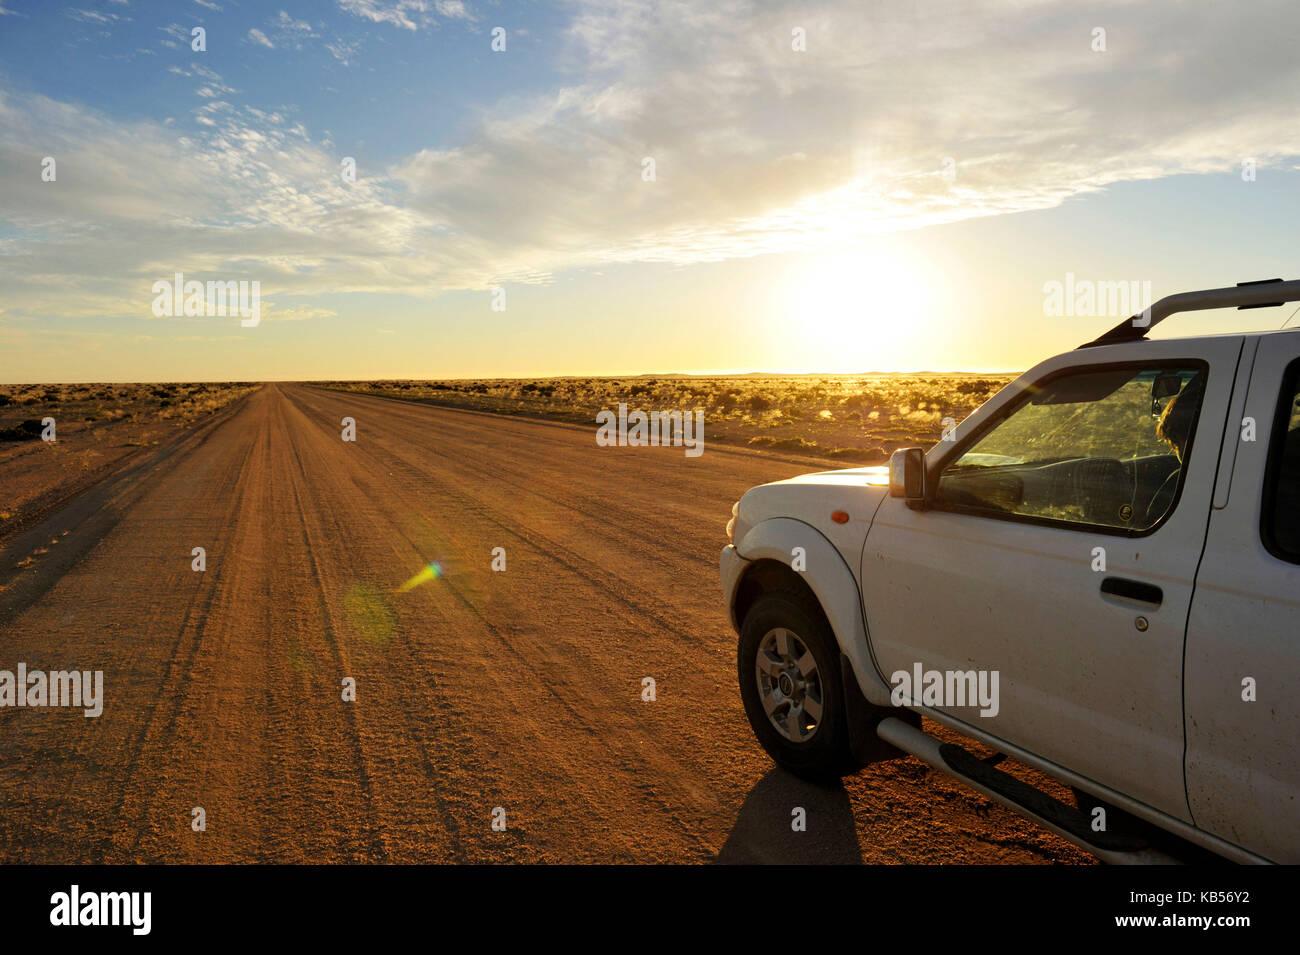 Namibia, Erongo, Damaraland, Namib desert road - Stock Image